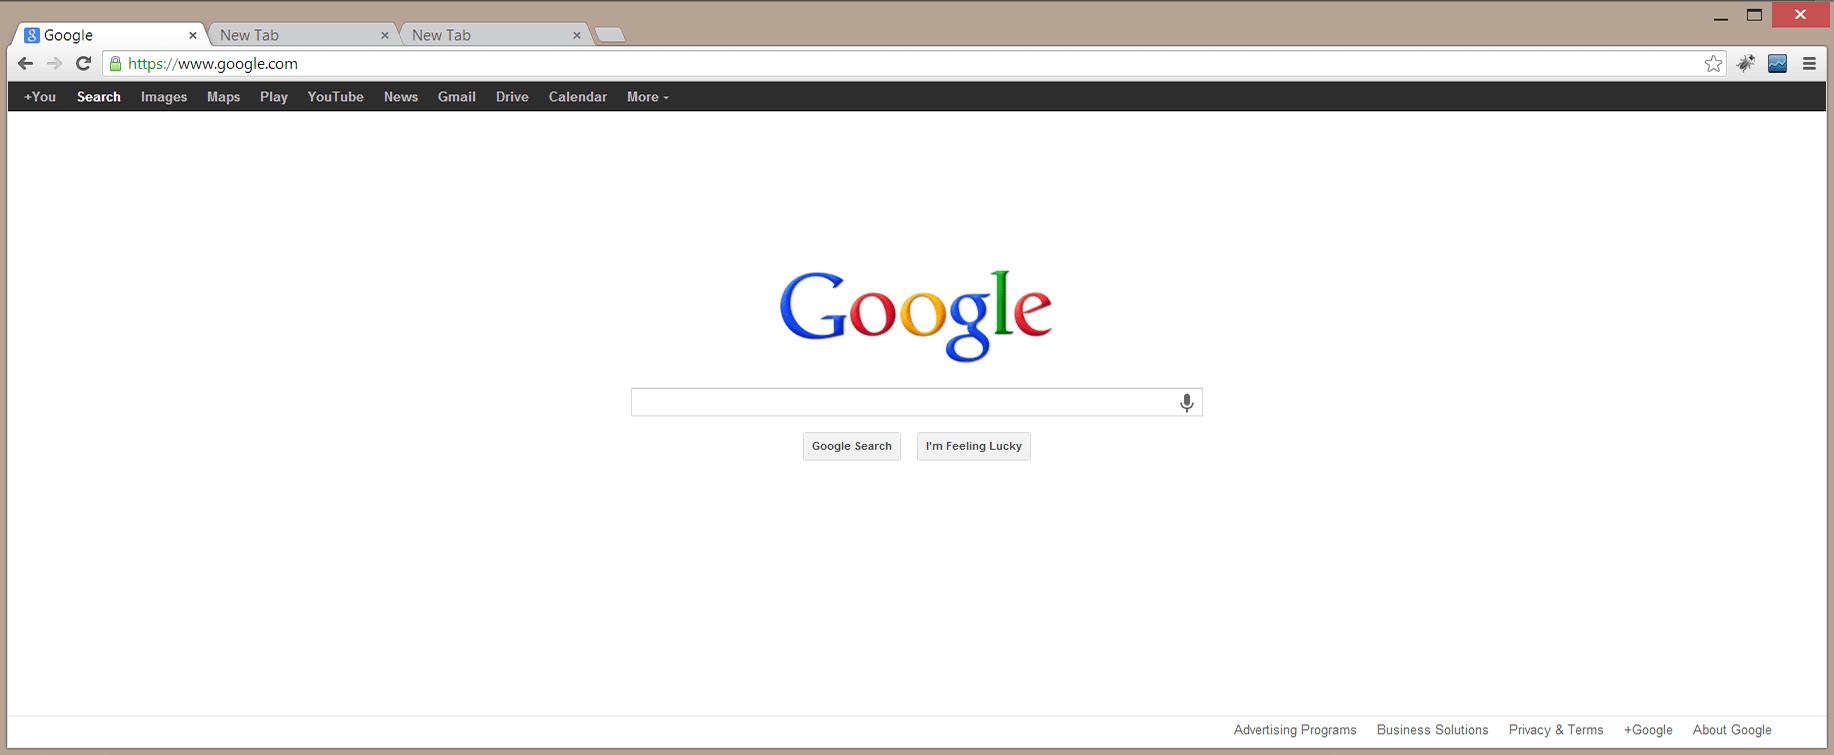 Google Chrome Downloadable Logo - LogoDix